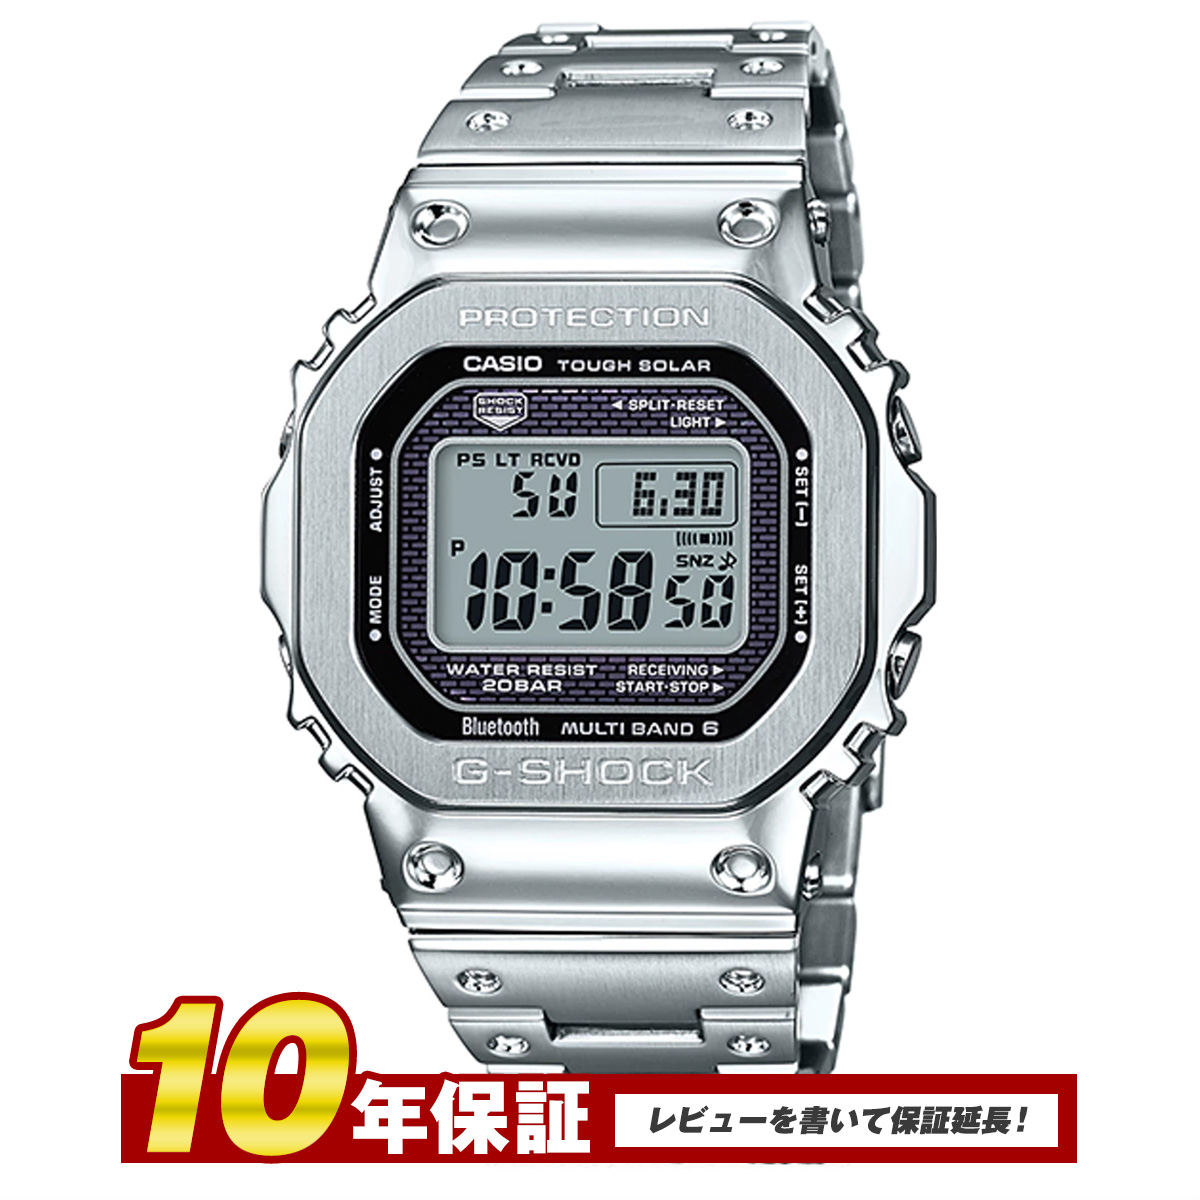 【全品送料無料】 【10年保証】カシオ CASIO G-SHOCK Gショック ジーショック gmw-b5000d-1 メンズ 腕時計 防水 (国内品番GMW-B5000D-1JF同型)